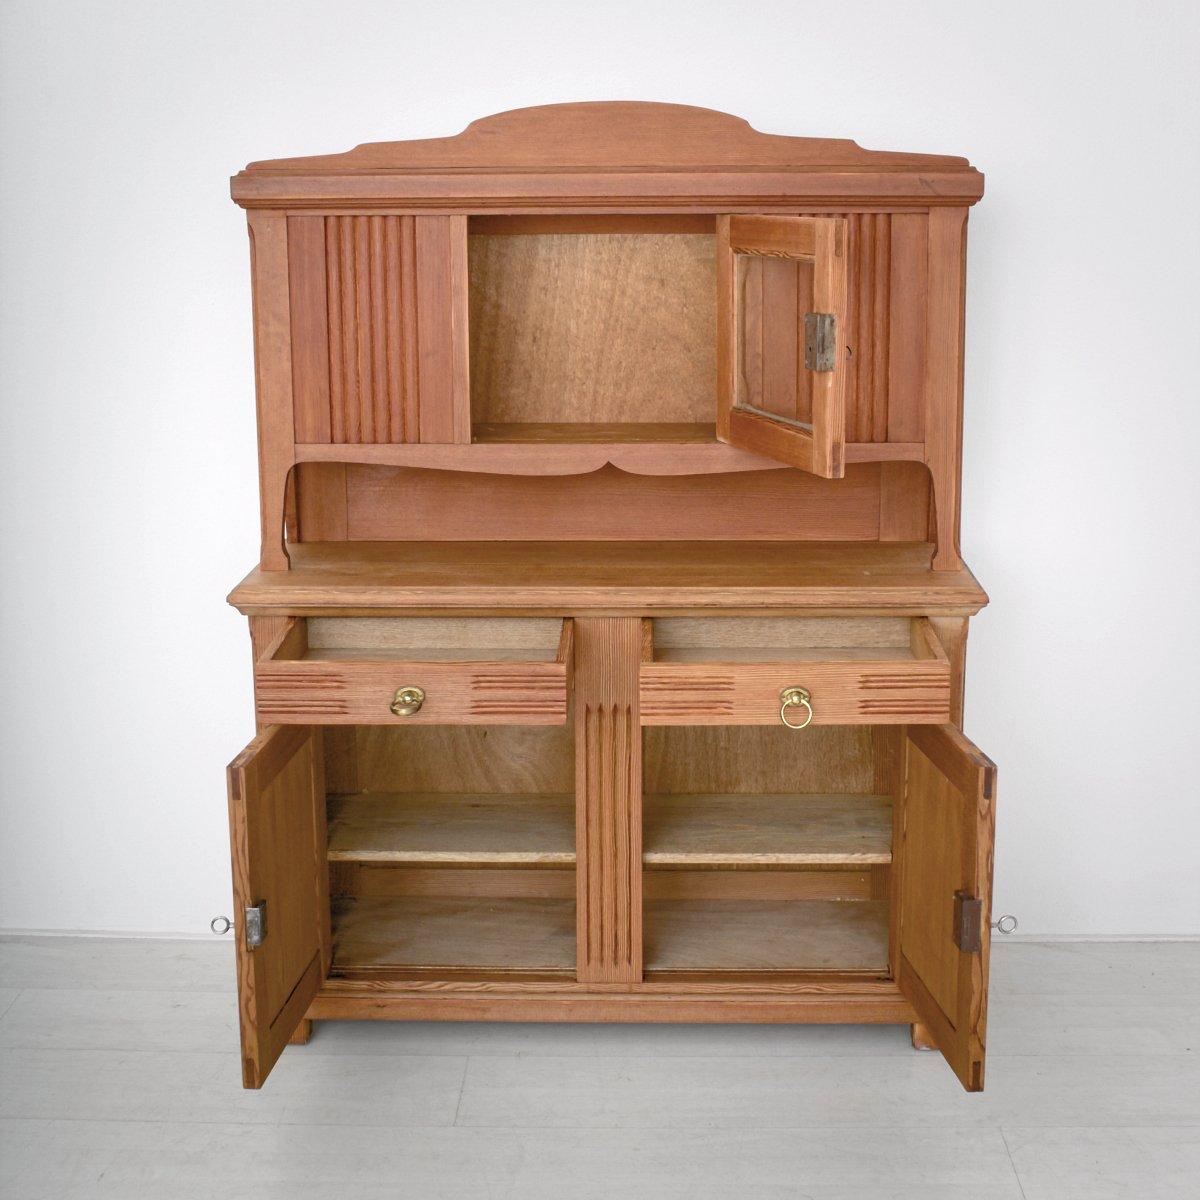 kleiner jugendstil k chenbuffet aus kiefernholz 1920er. Black Bedroom Furniture Sets. Home Design Ideas